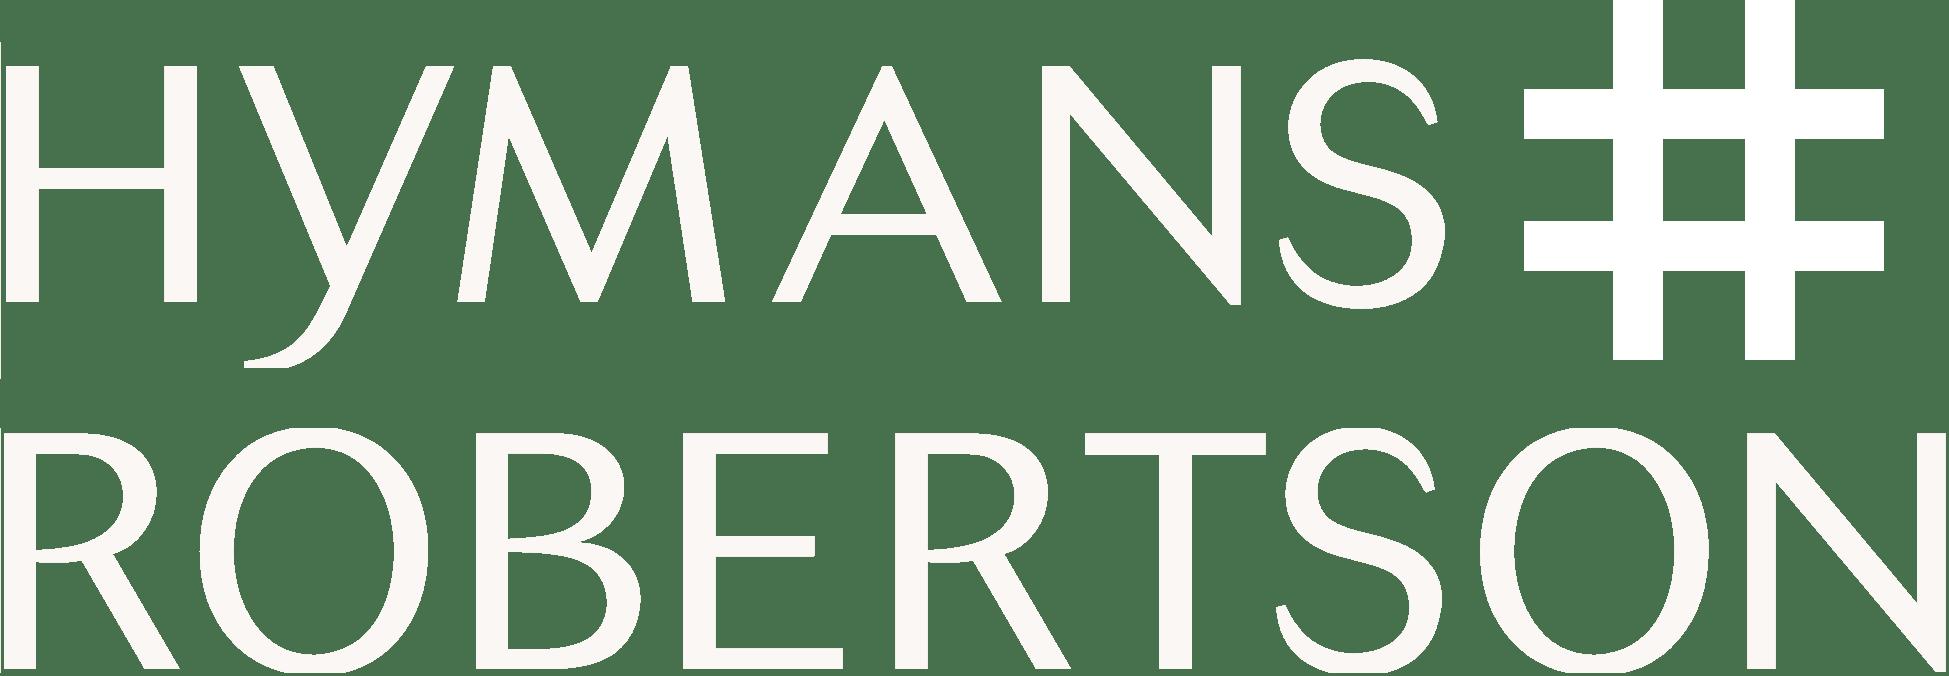 hymans robertson logo